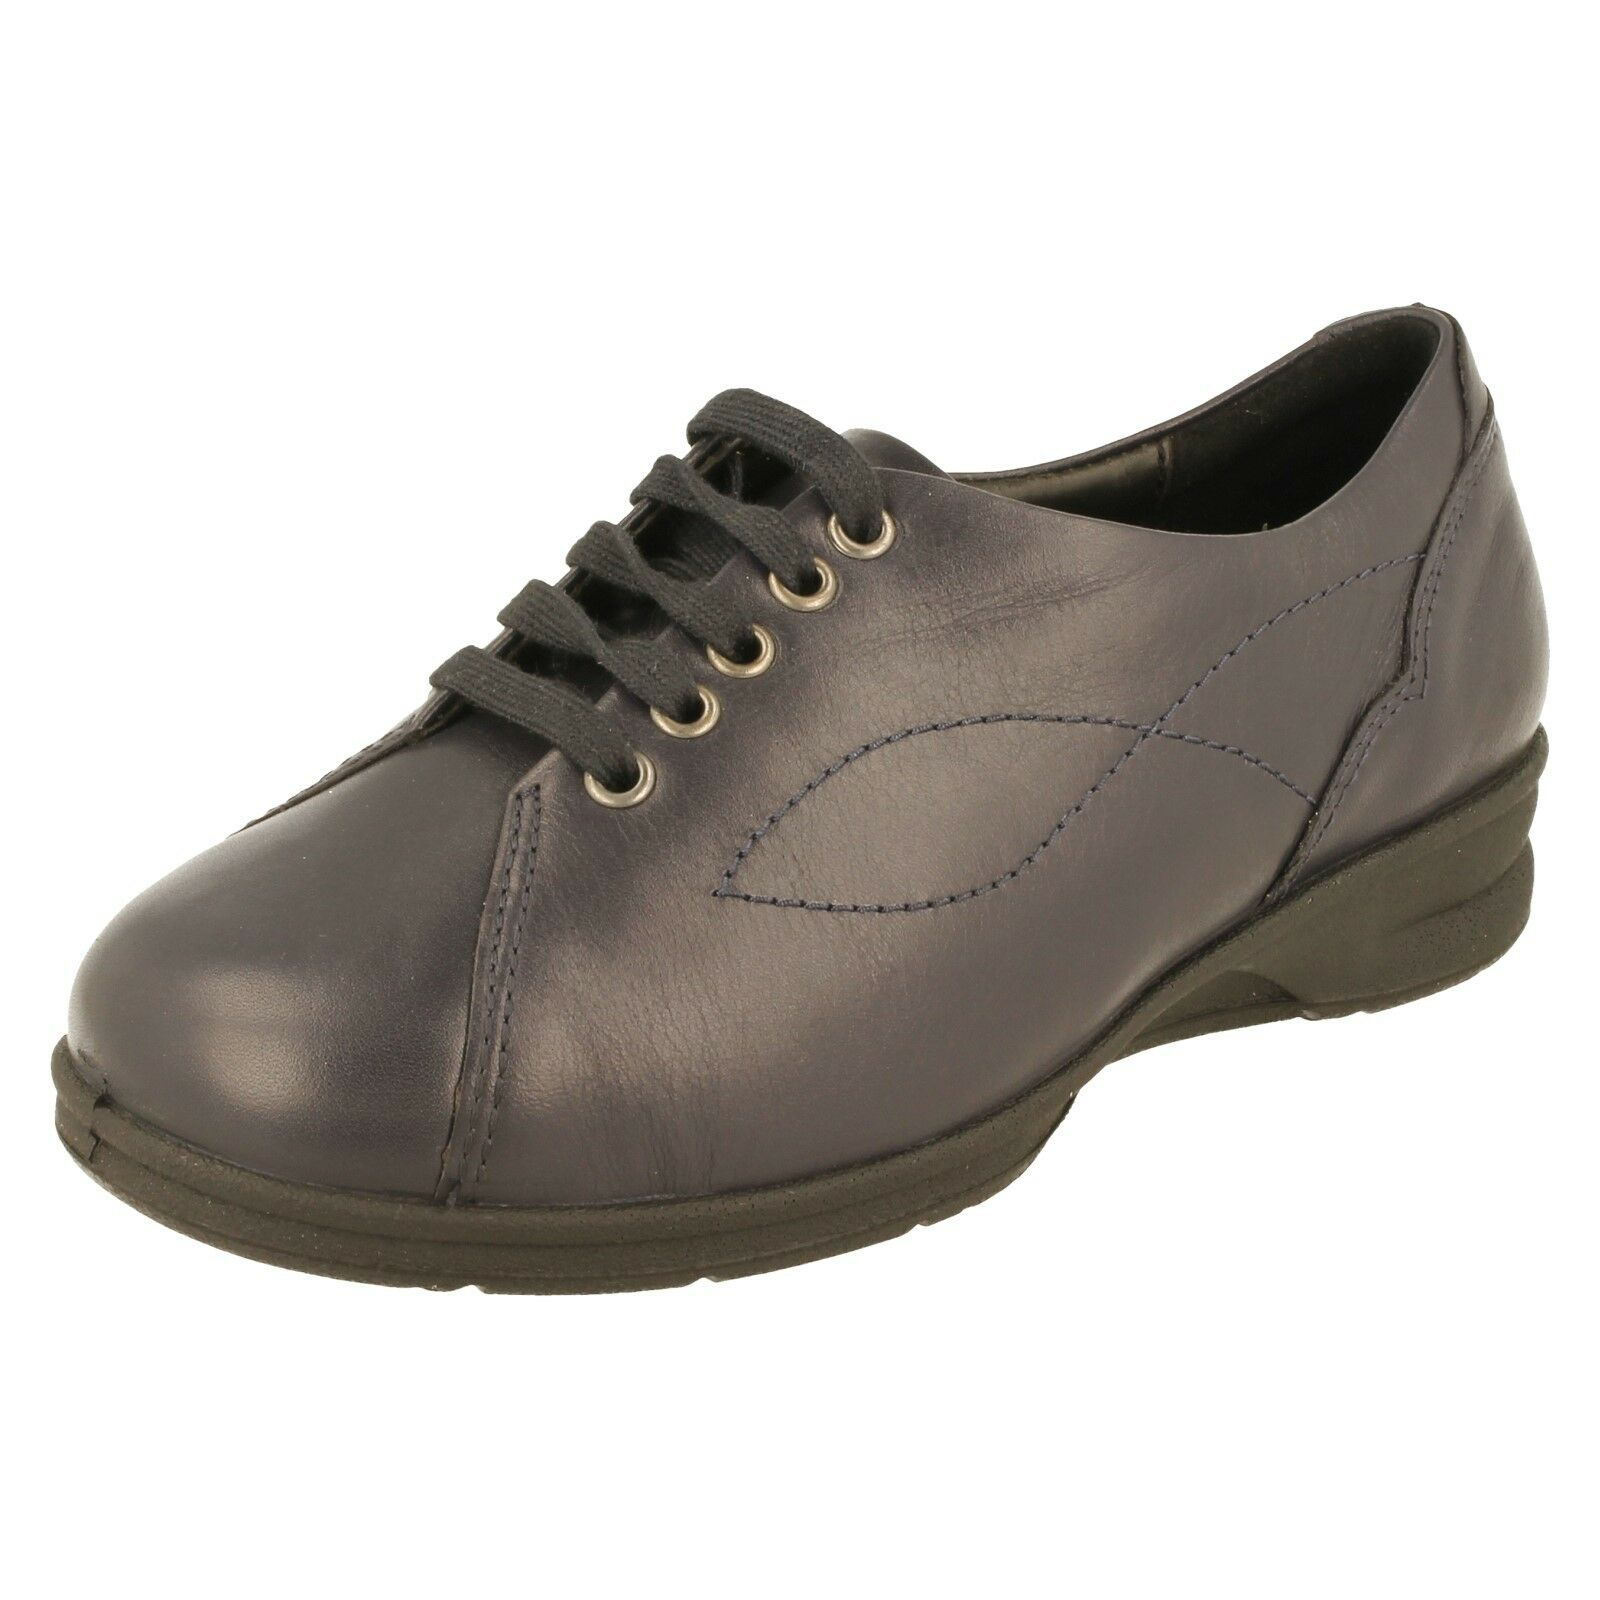 IGI&CO 2179411 nero pelle scarpe donna mocassino tacco pelle nero e674f4